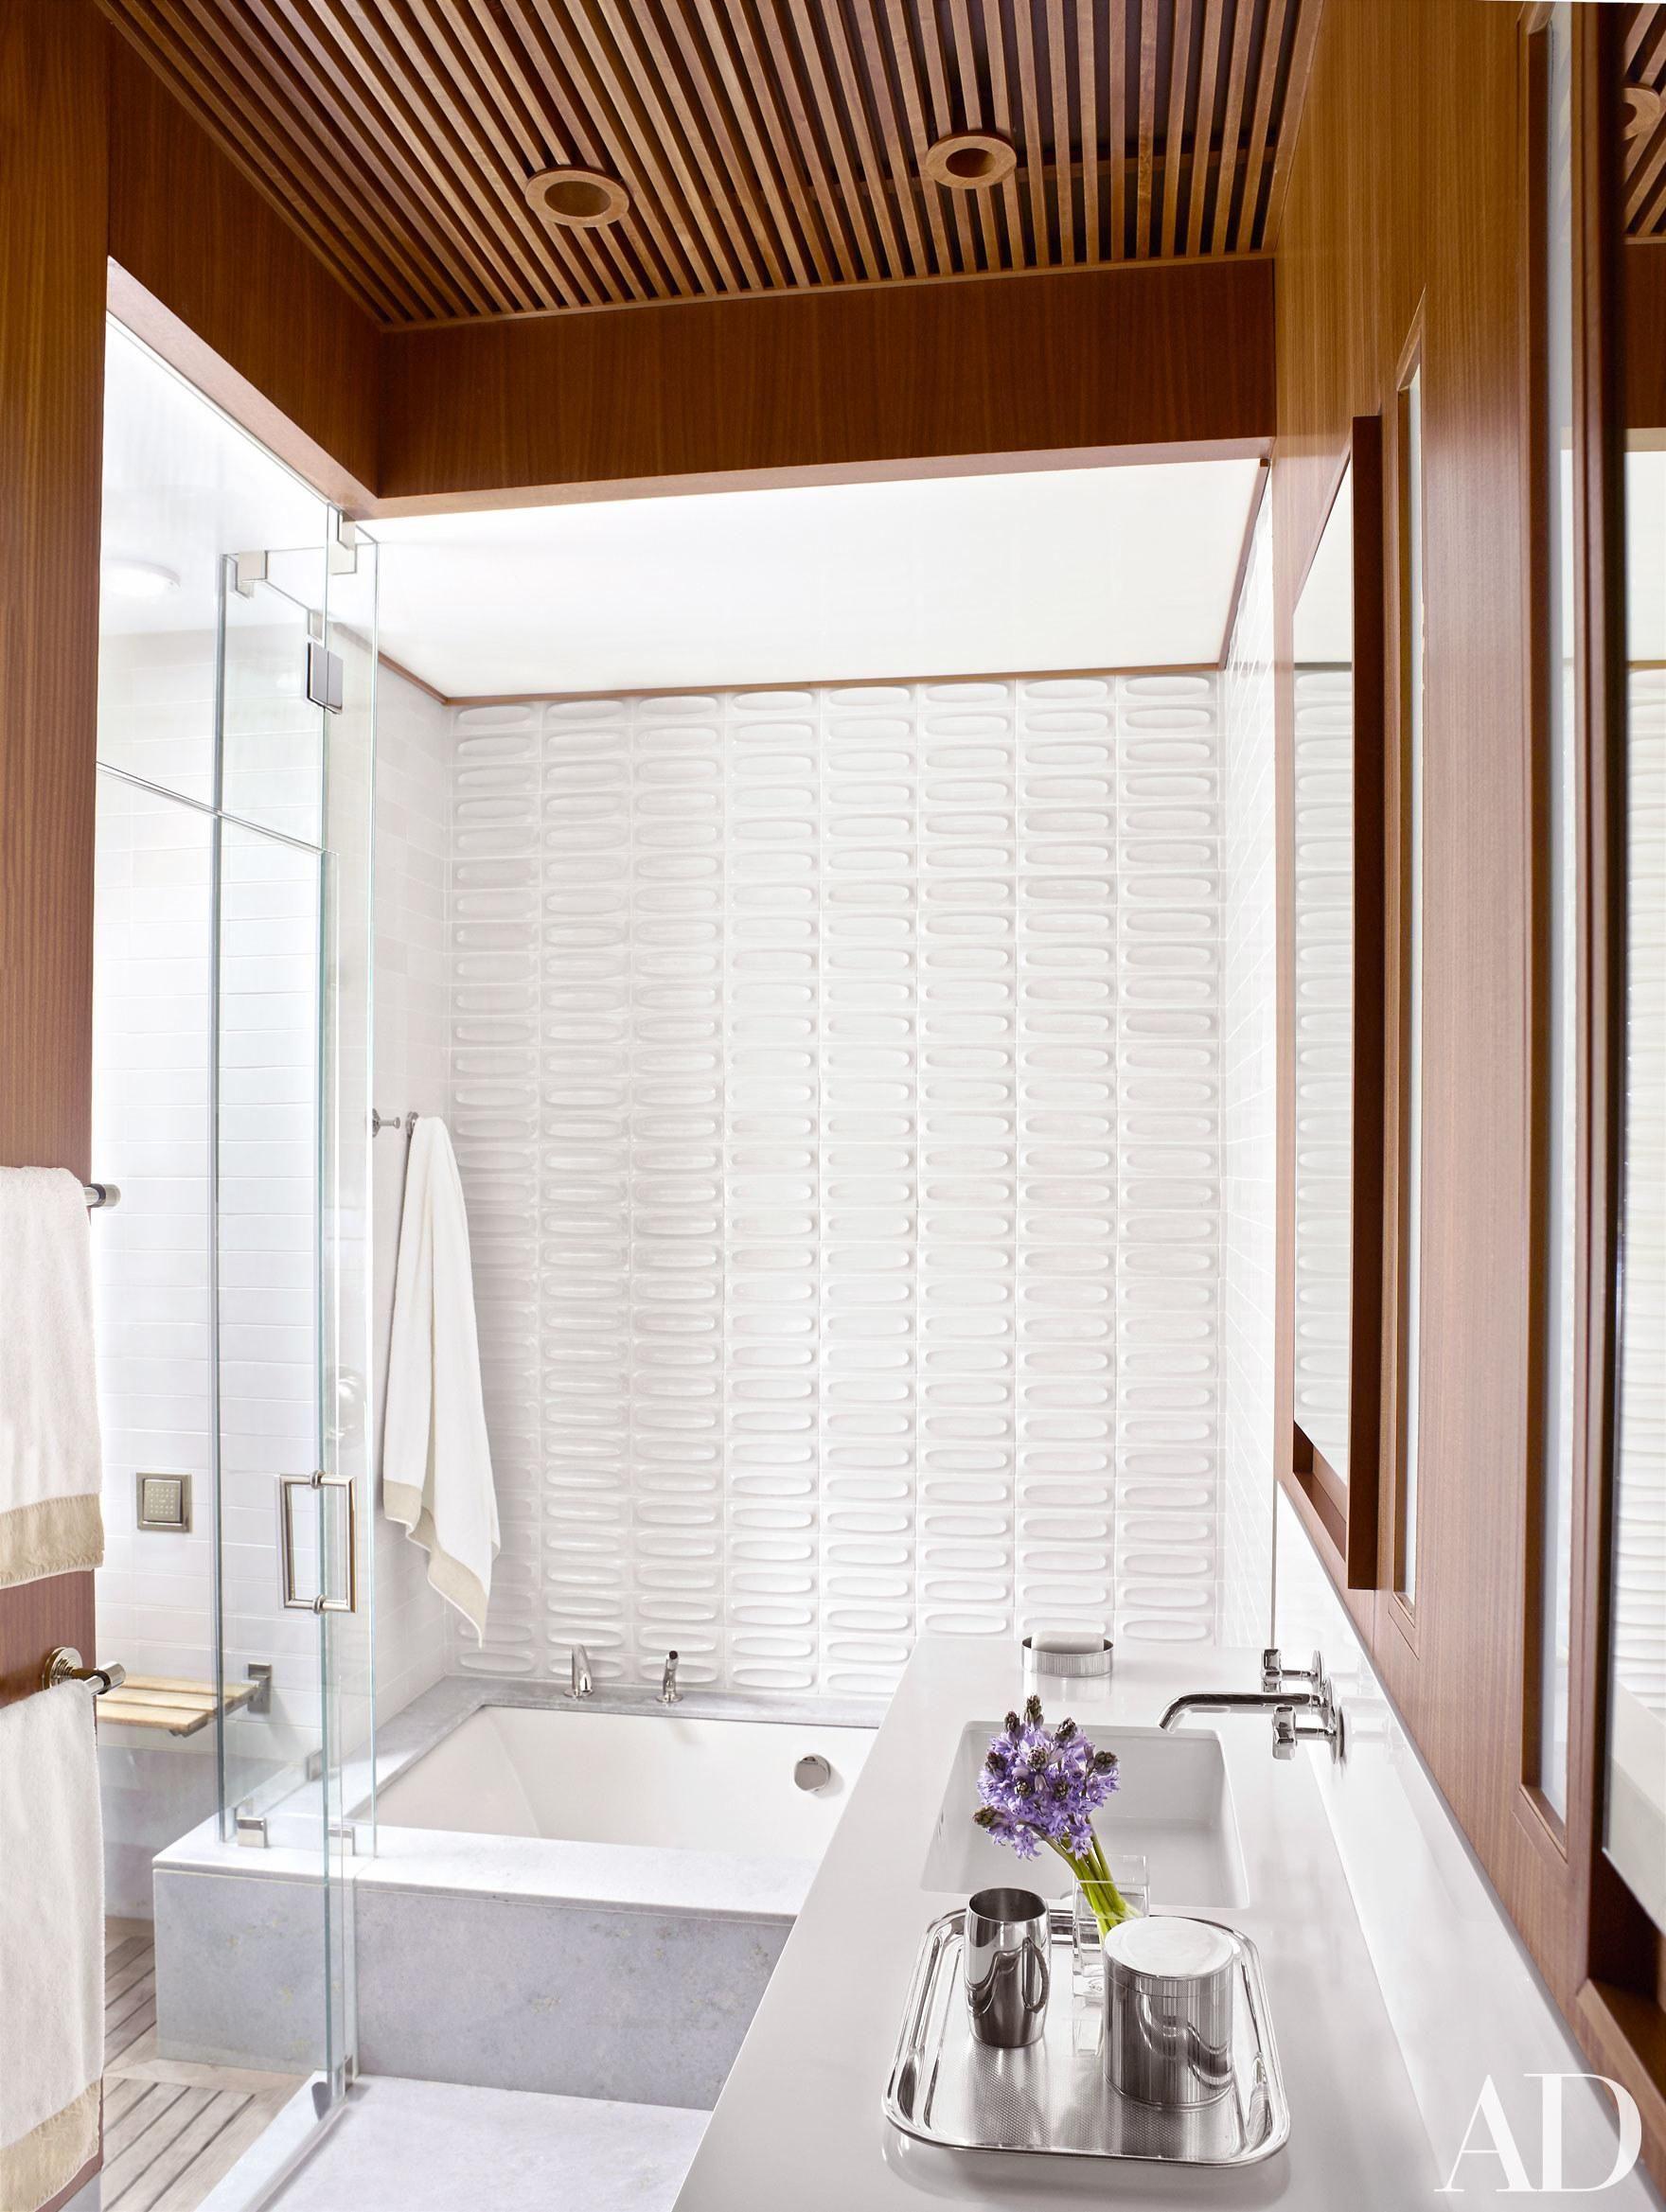 Tour A Gramercy Park Triplex Designed By Eric Cohler Dekoration Badezimmer Badezimmer Renovieren Badezimmer Innenausstattung